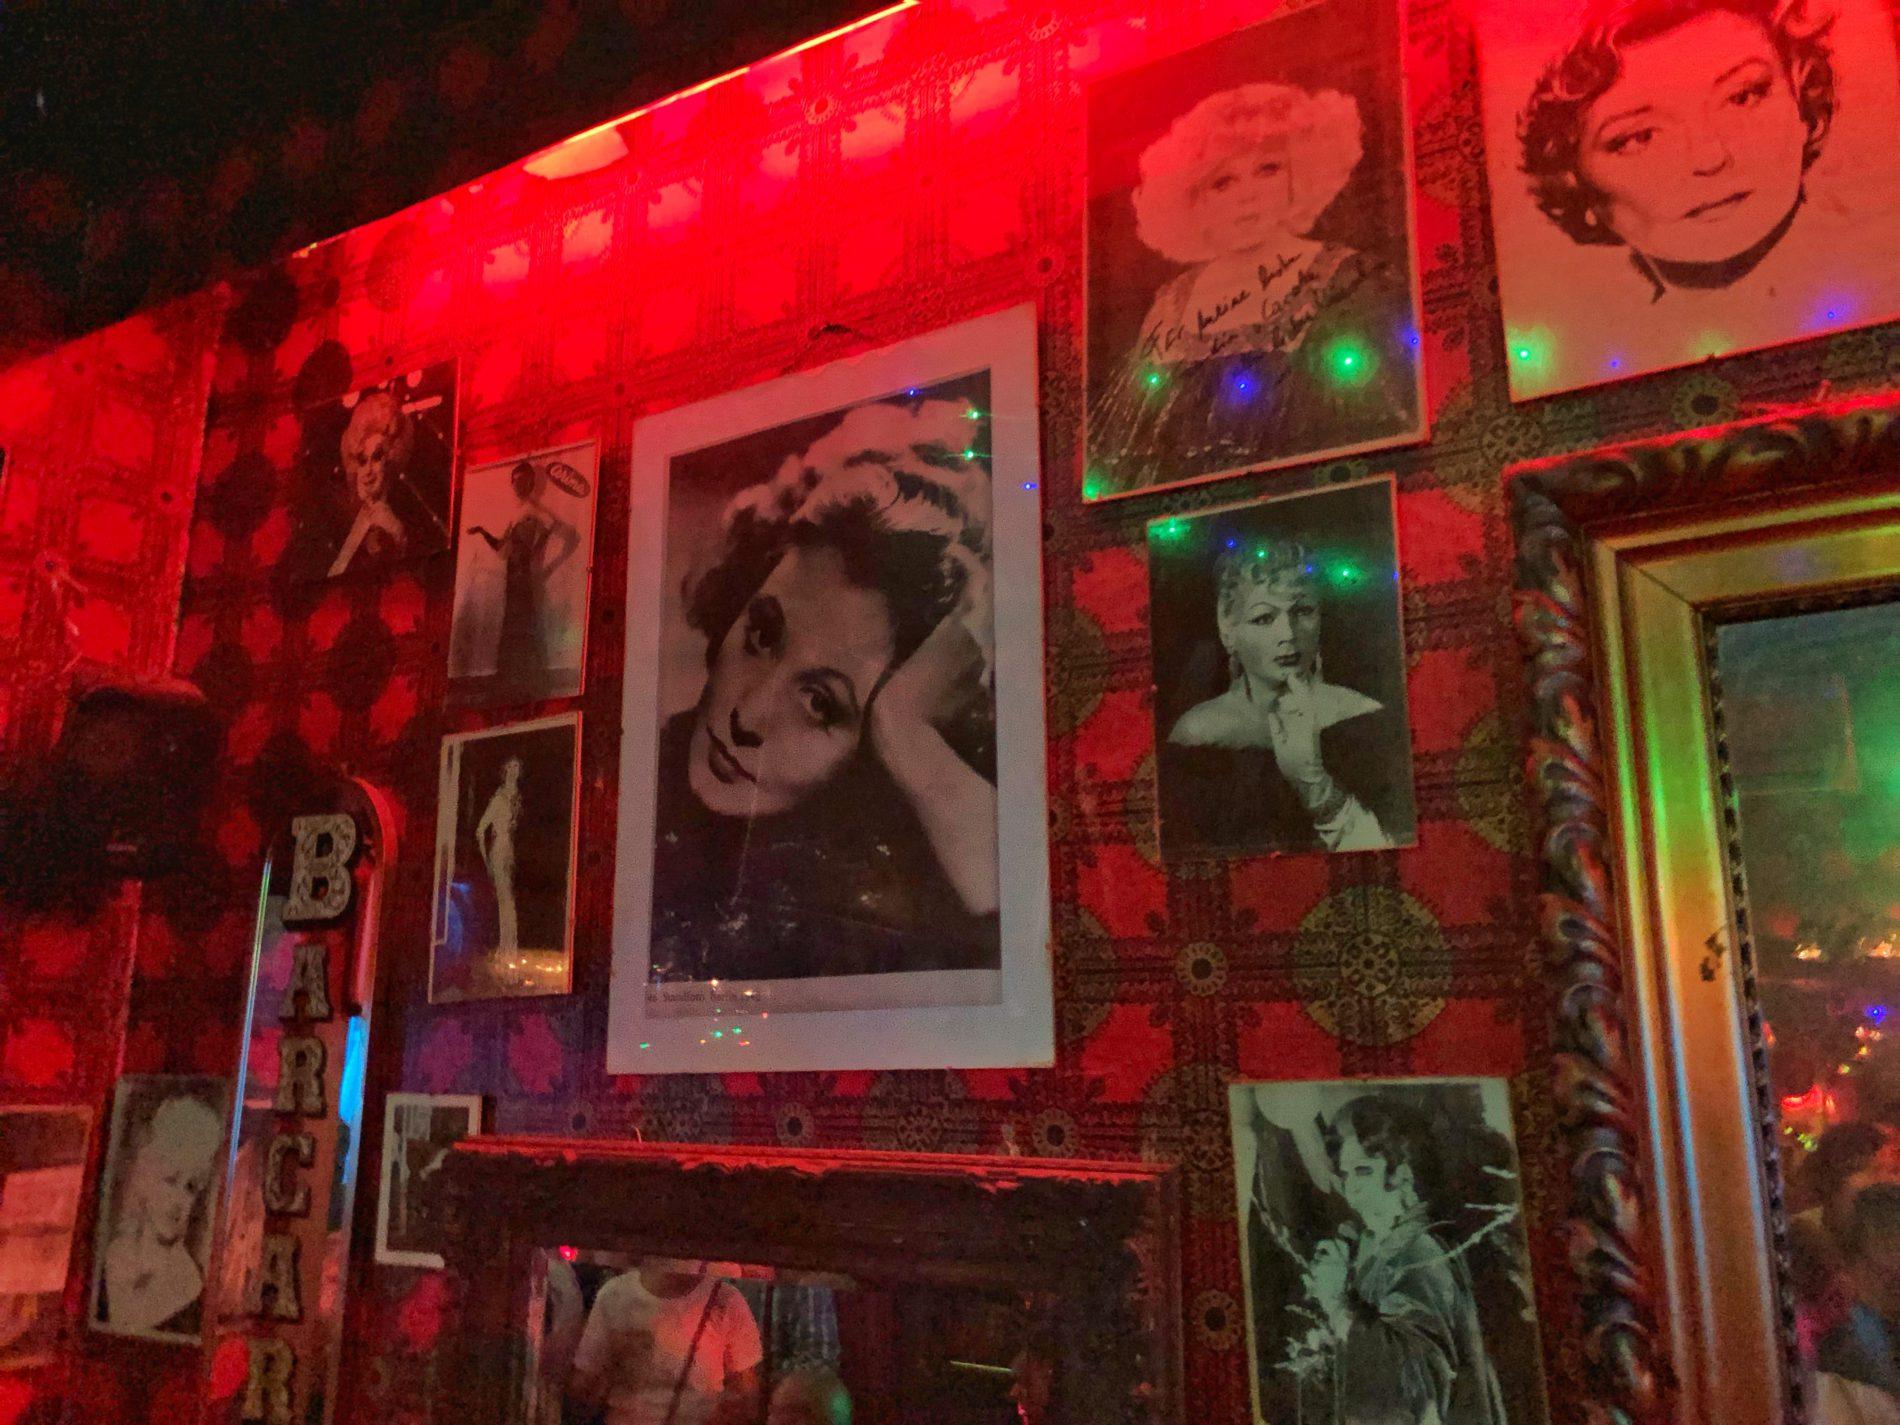 Bilder großer Diven an der Wand der Barkarole